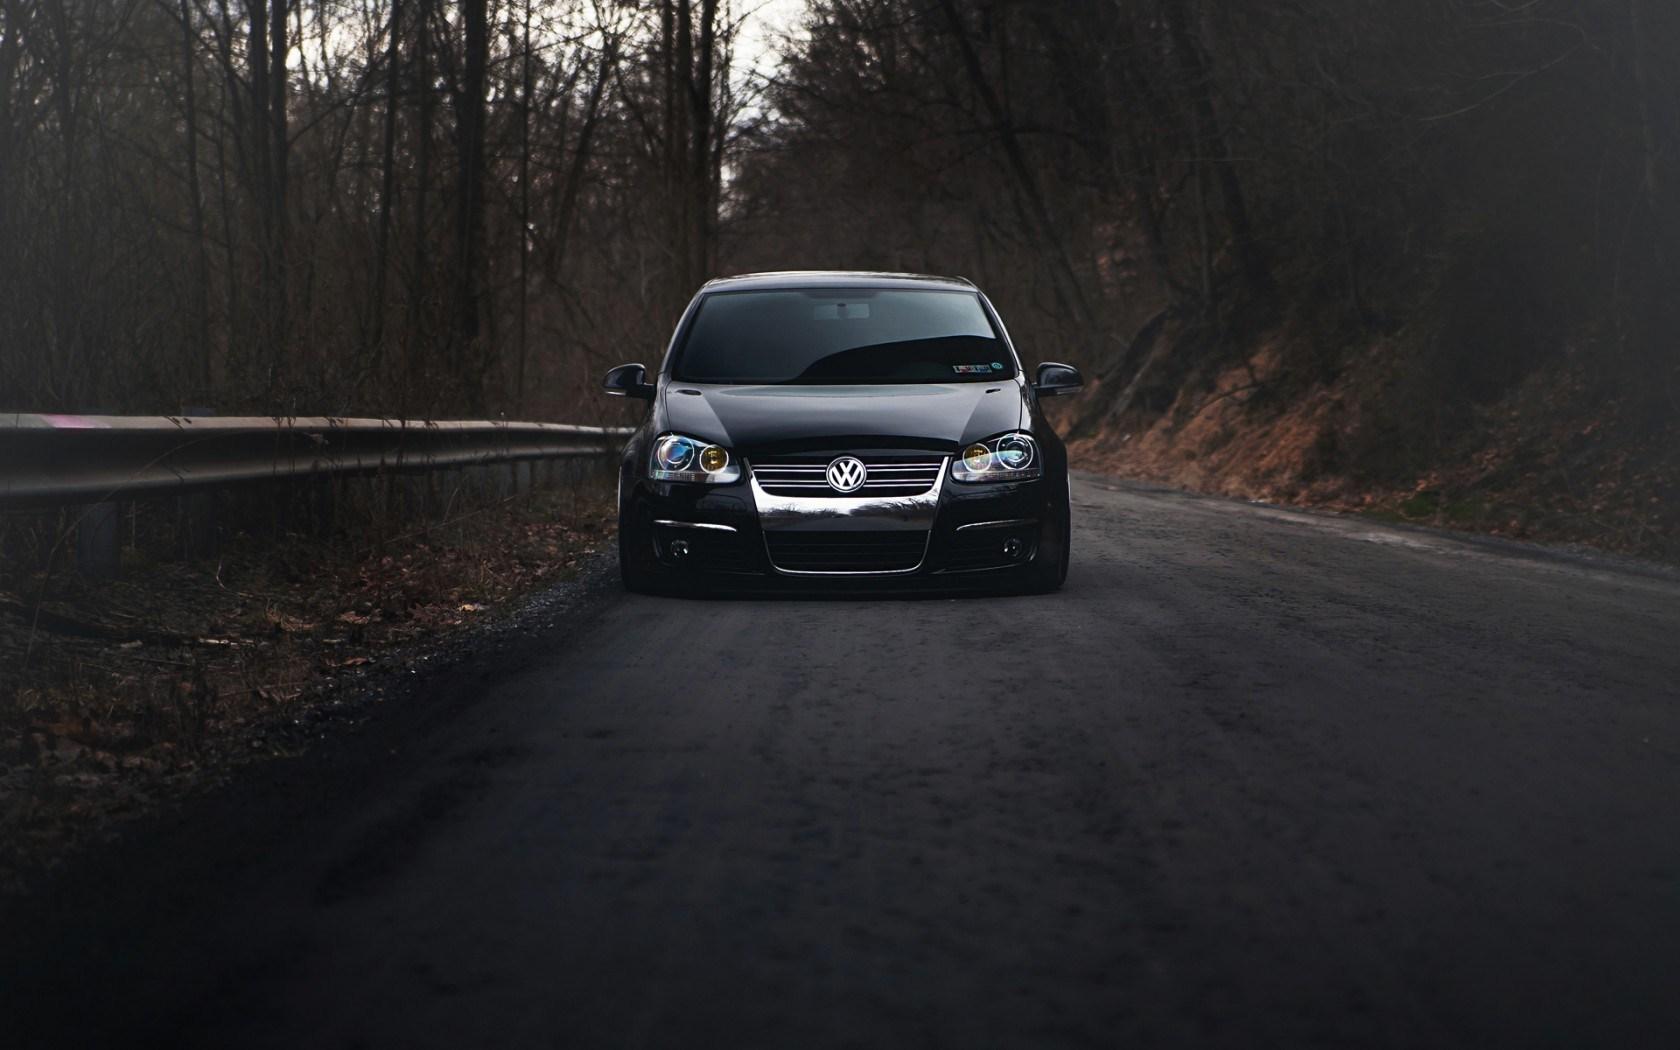 Stunning Volkswagen Wallpaper